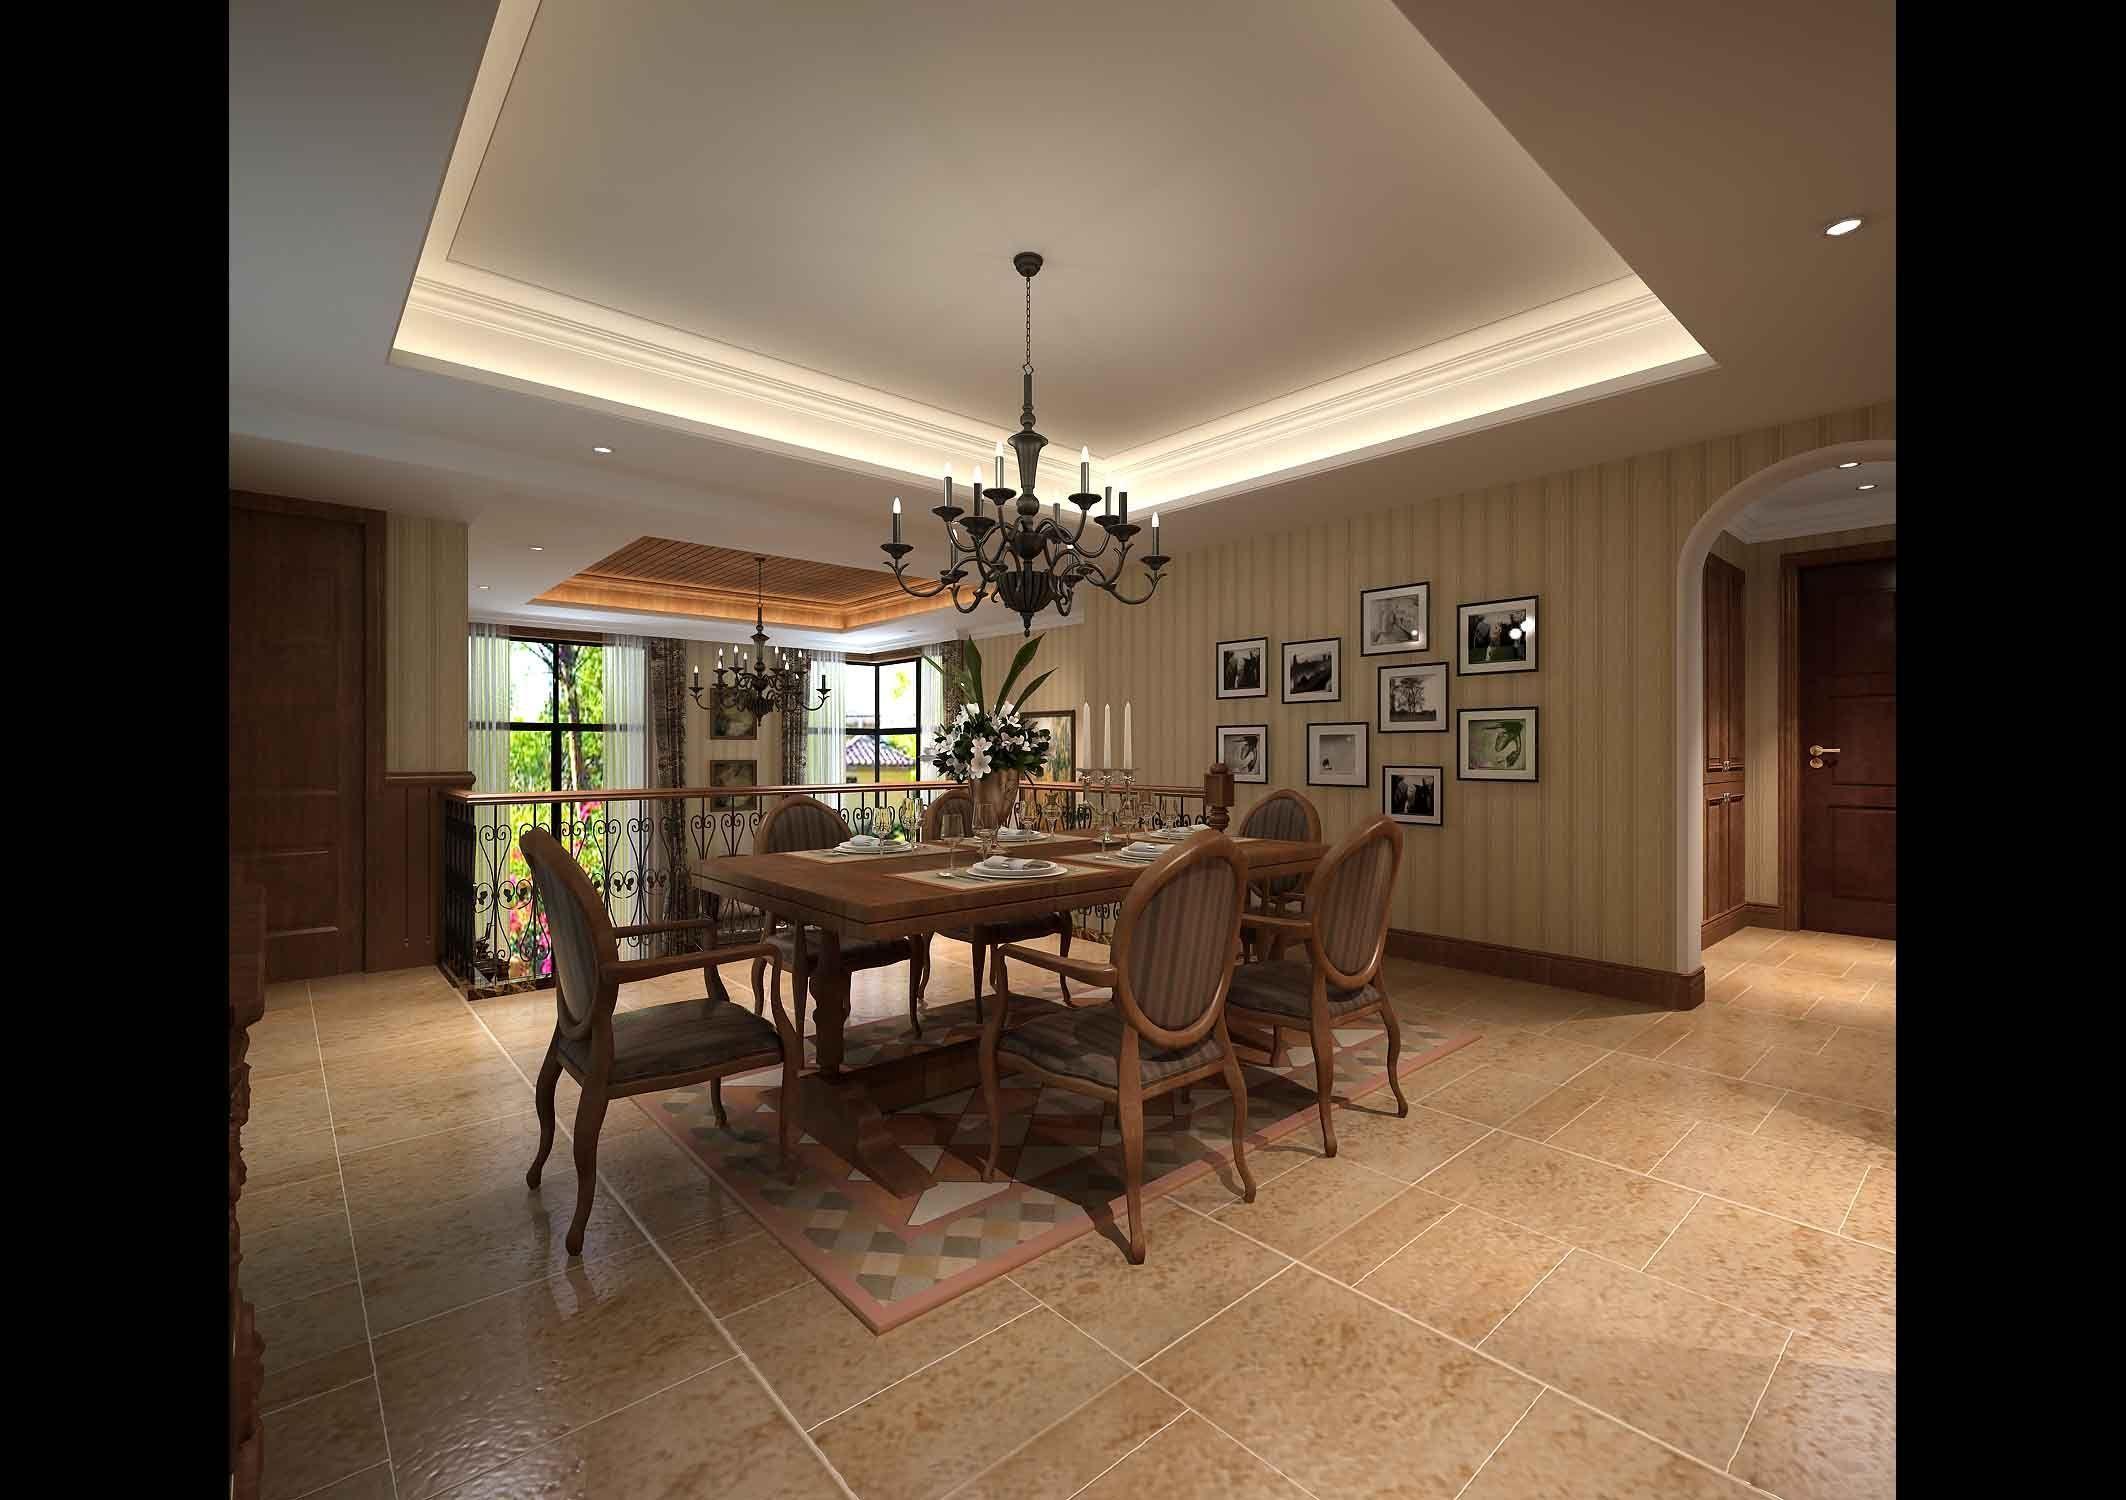 Einfache esszimmerbeleuchtung false ceiling living room unique false ceiling kitchen wall colors